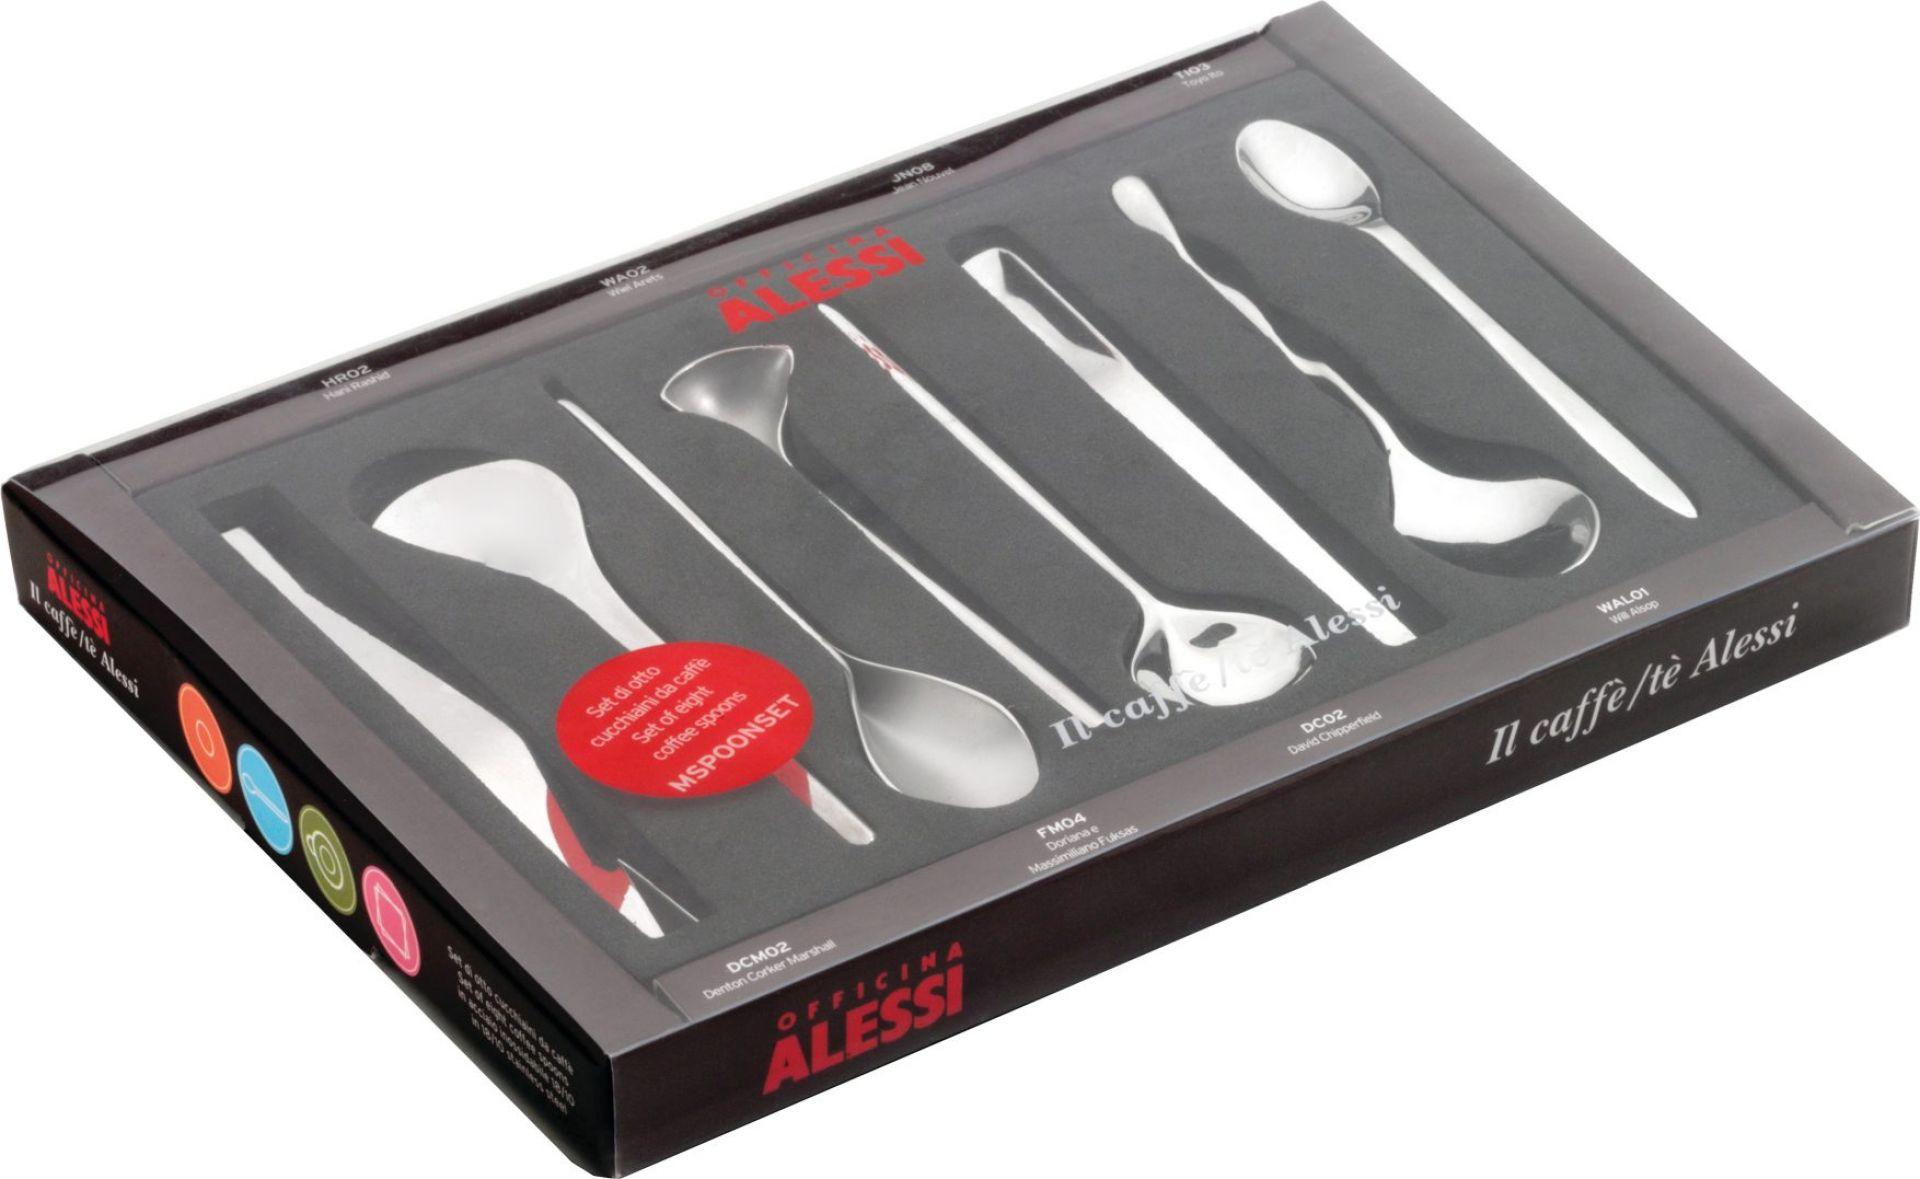 Il caffè/tè Alessi, Set of 8 Coffee Spoons MSPOONSET Alessi